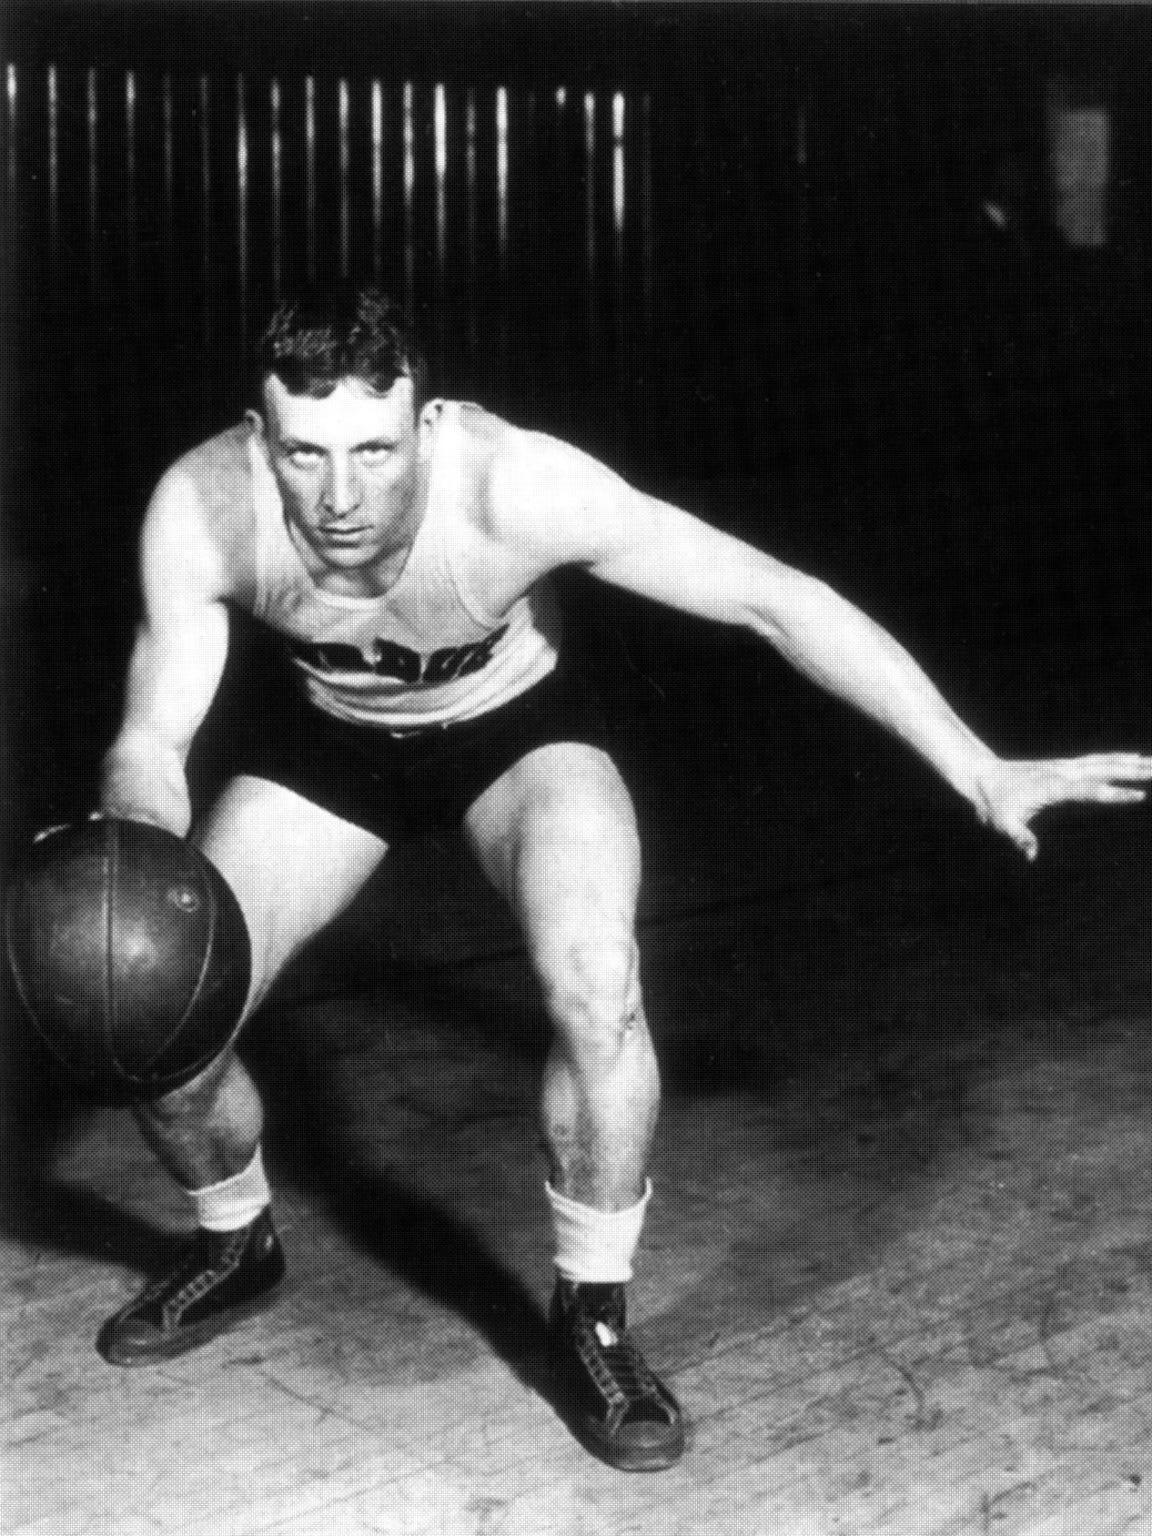 John Wooden, circa 1930